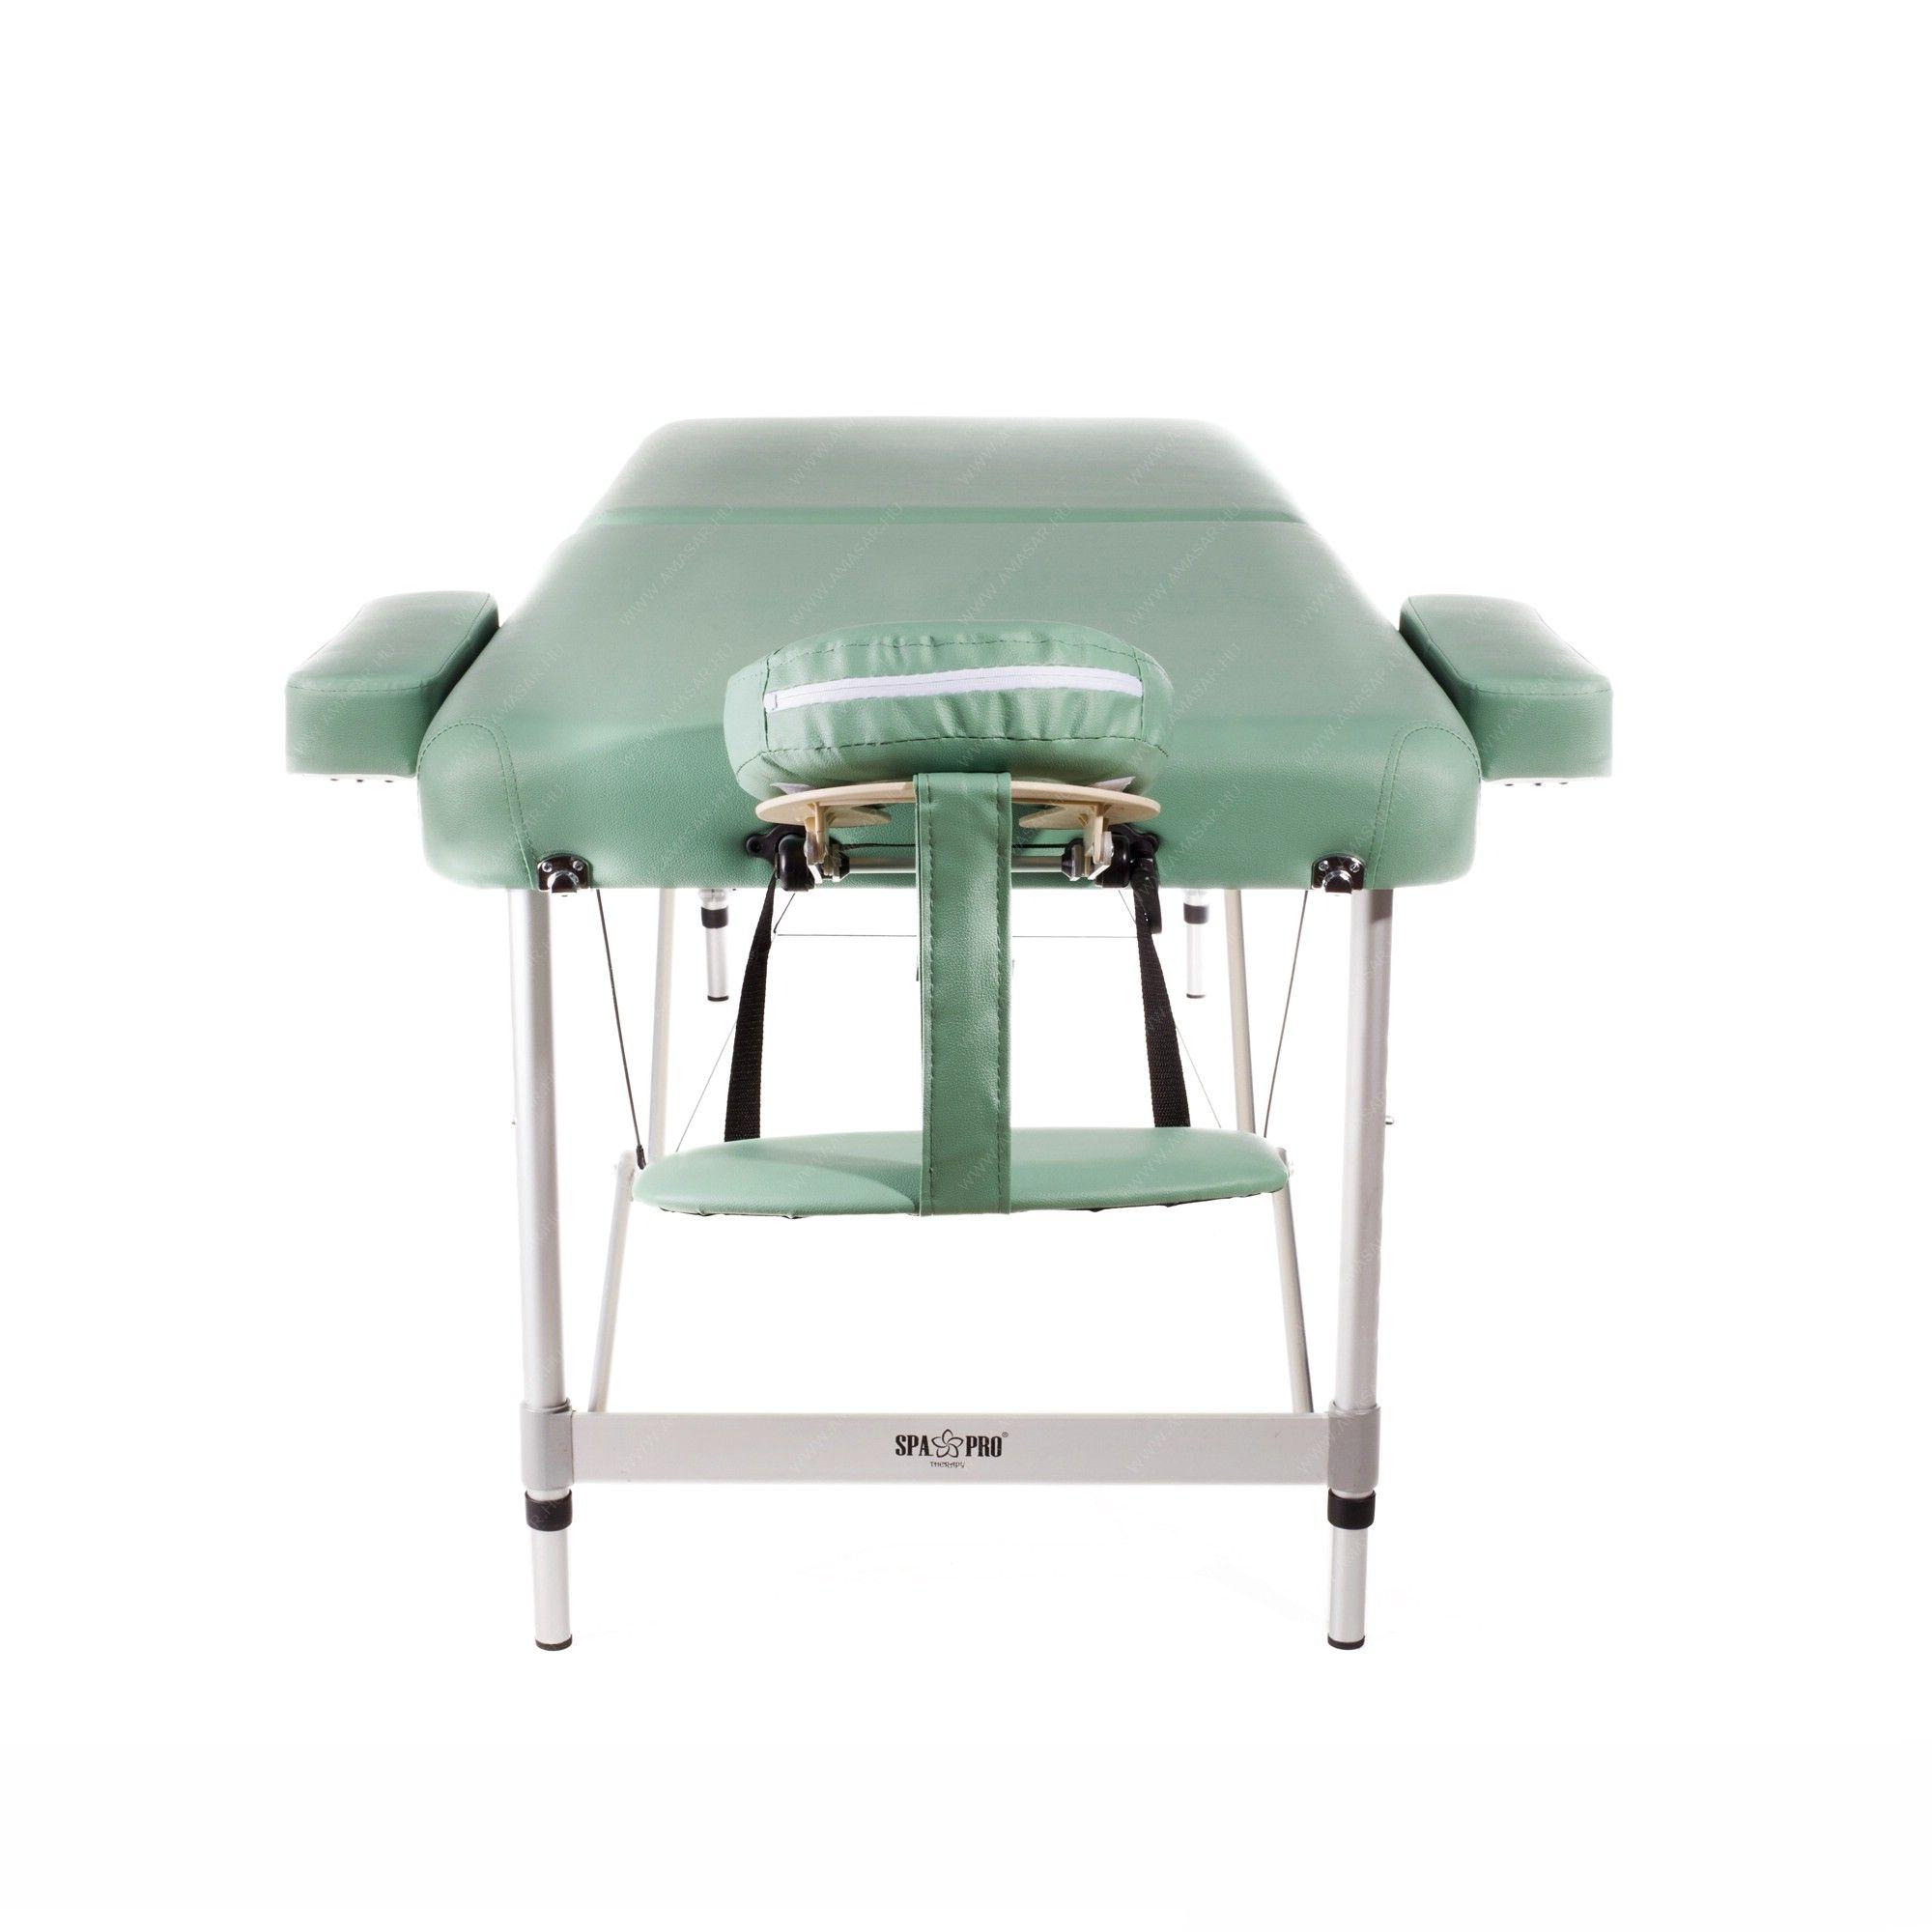 A Spapro Therapy masszázságy ötvözi a vastag szivacsozás 923d0d08ba